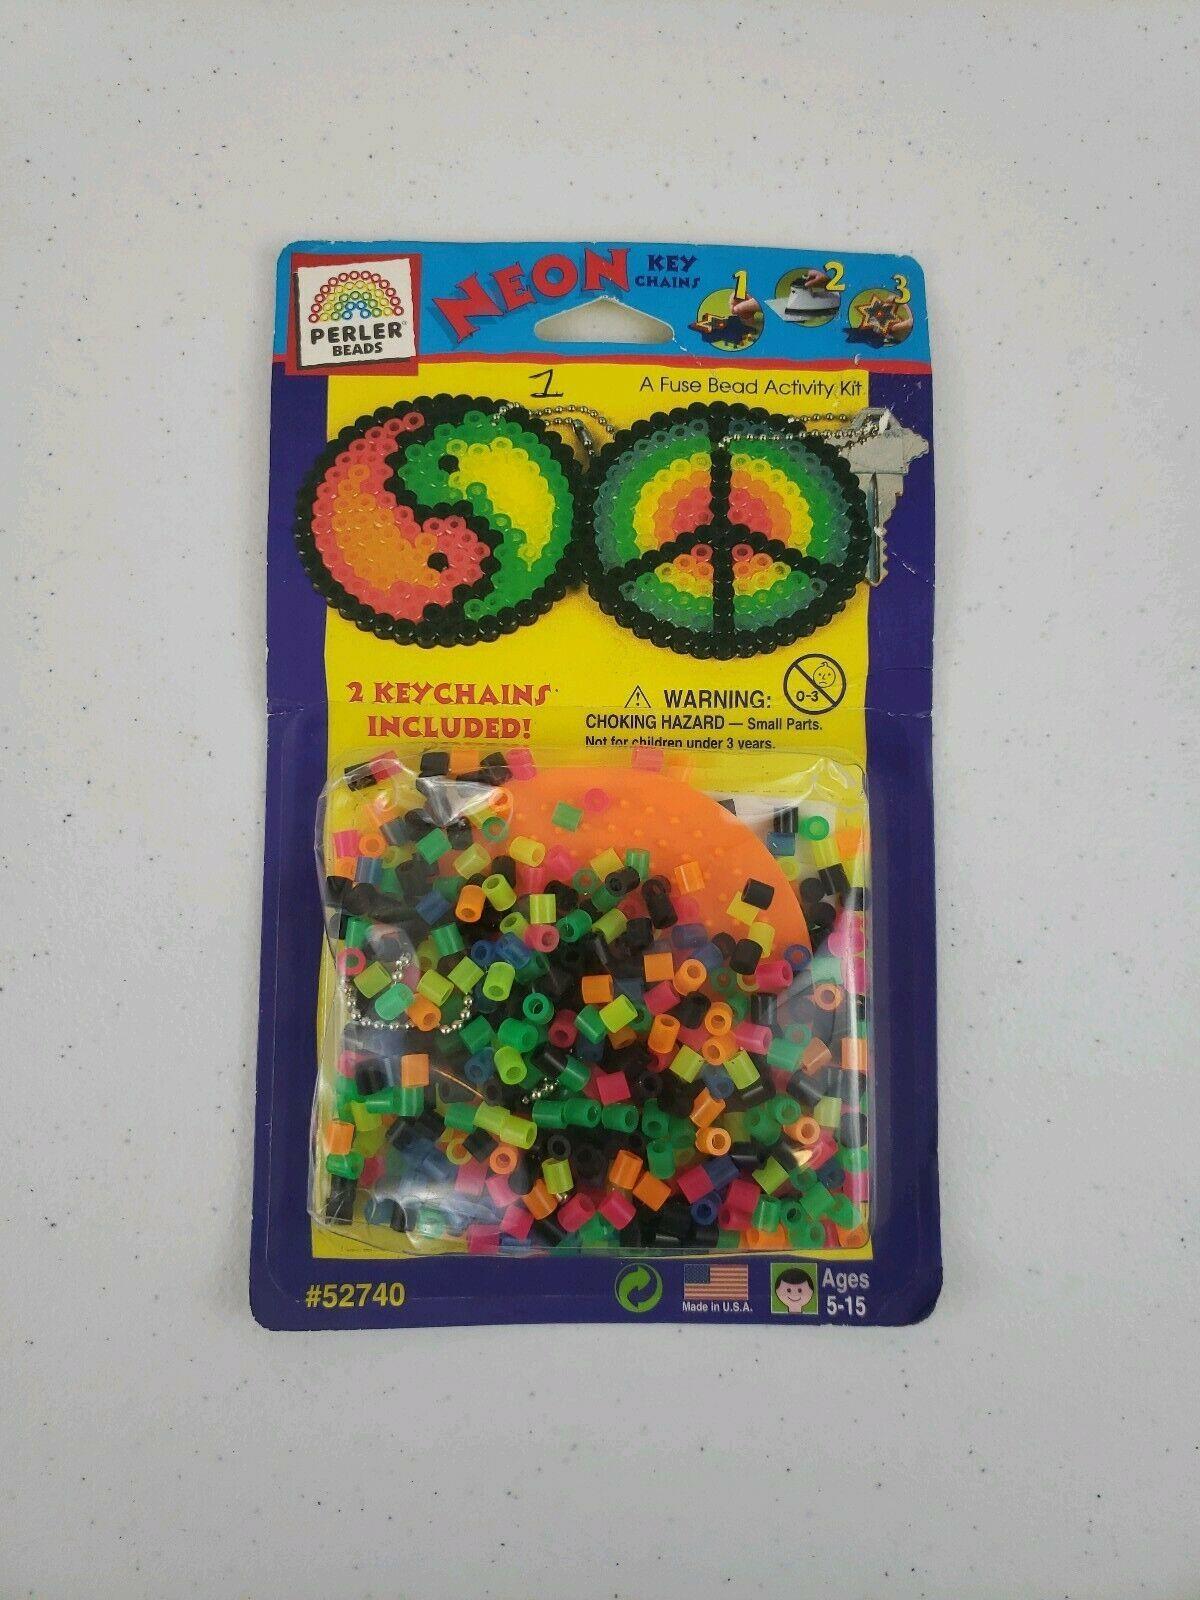 NIB VTG Perler Beads From 1997 Nostalgic Packaging & Design Rare Keychains Retro - $24.00